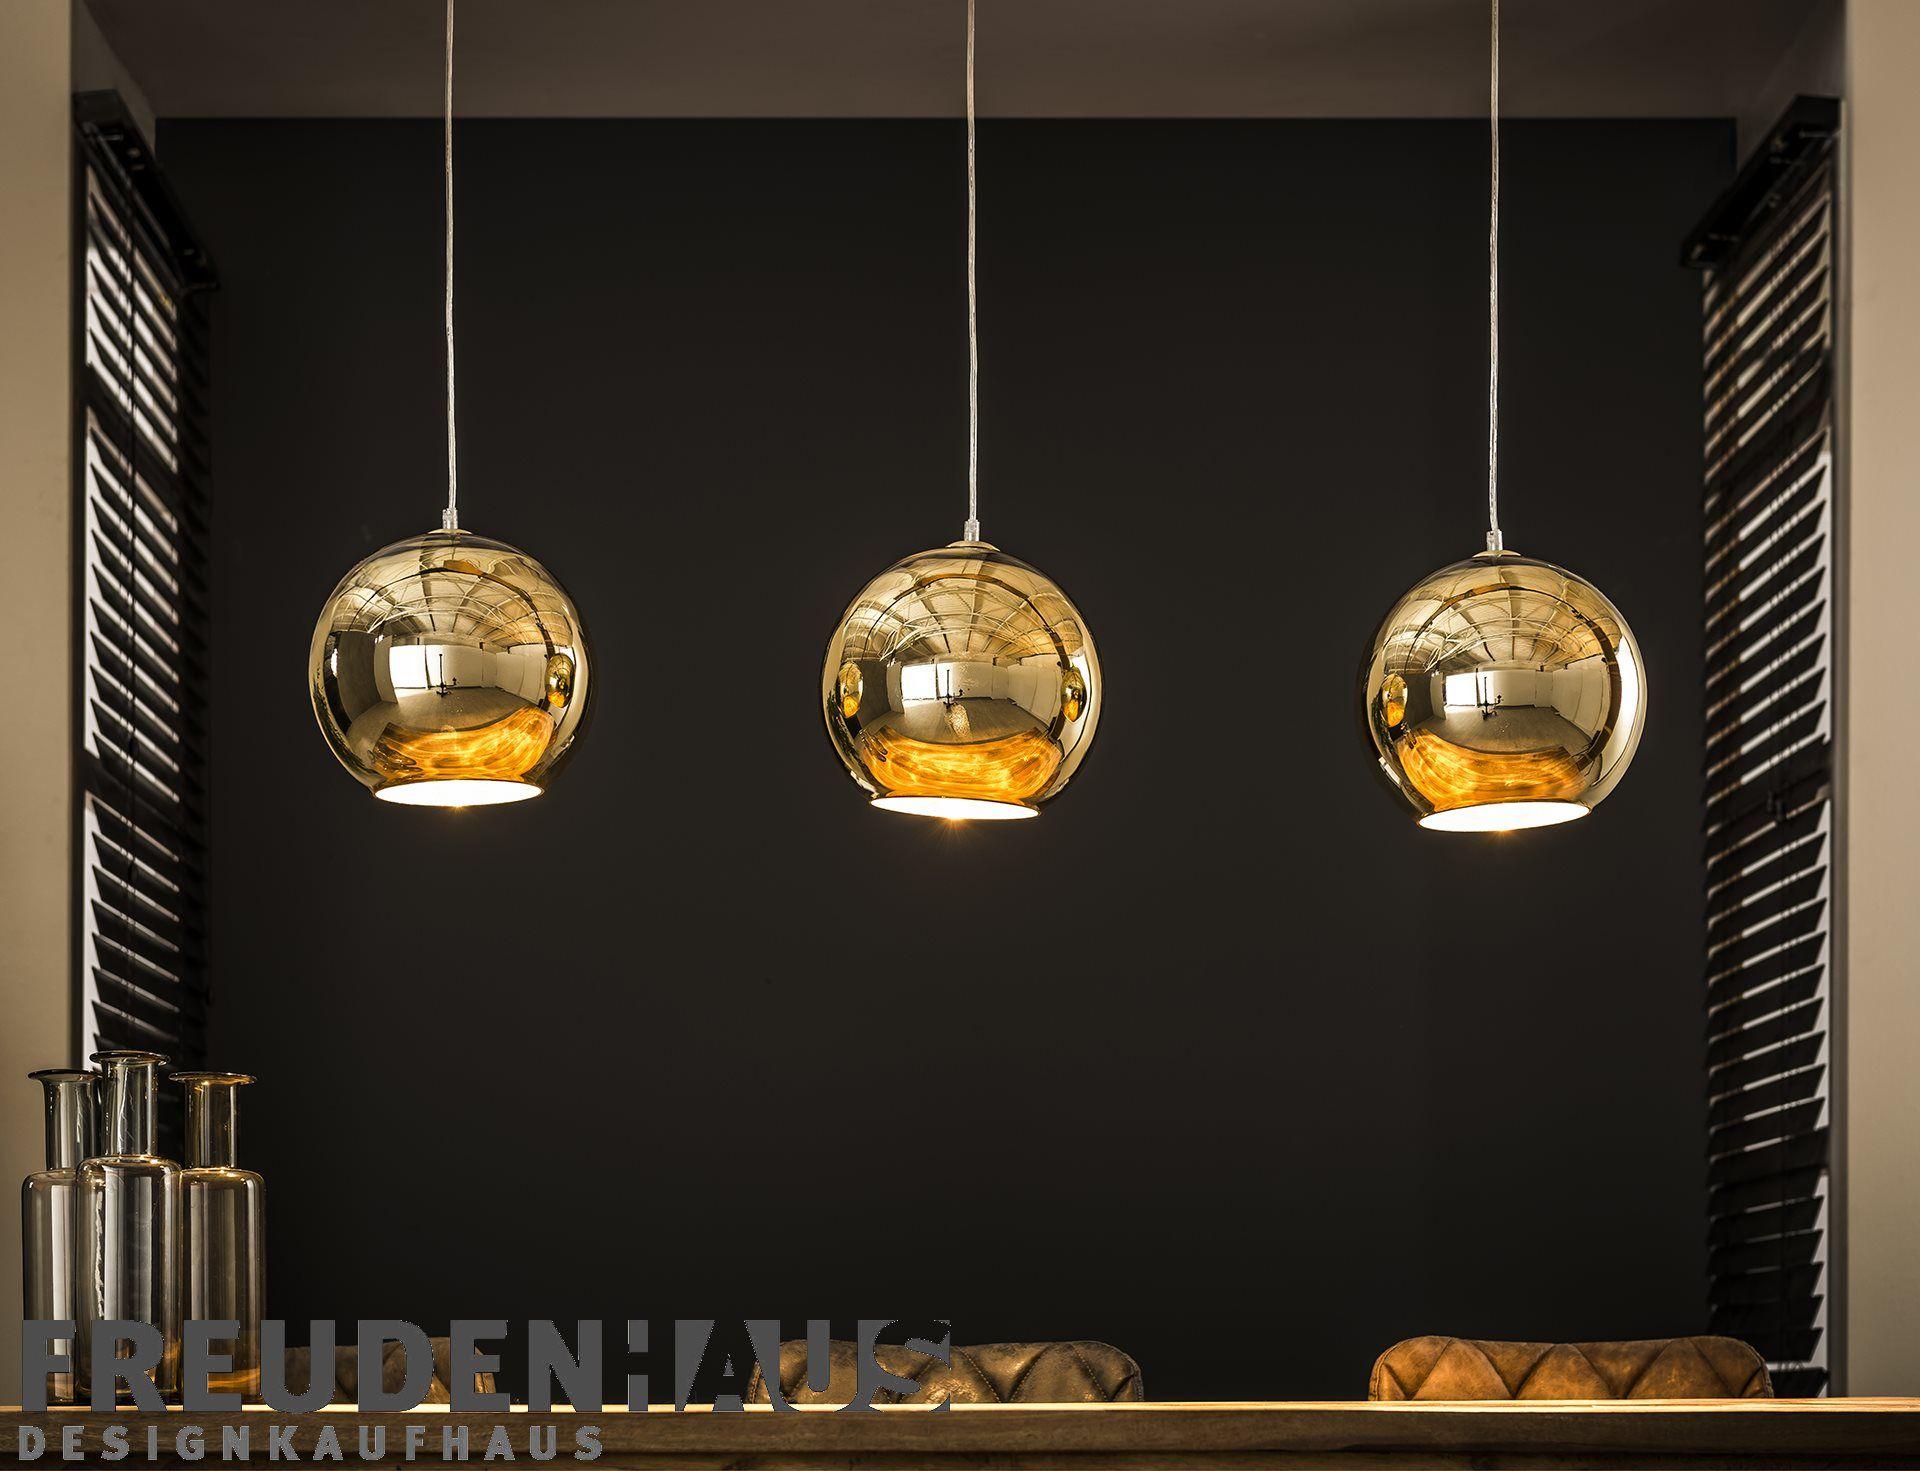 Hangelampe Retro Ball 3 Kugeln Gold Beleuchtung Hangelampen Freudenhaus Designkaufhaus Lampe Hangelampe Esstisch Hange Lampe